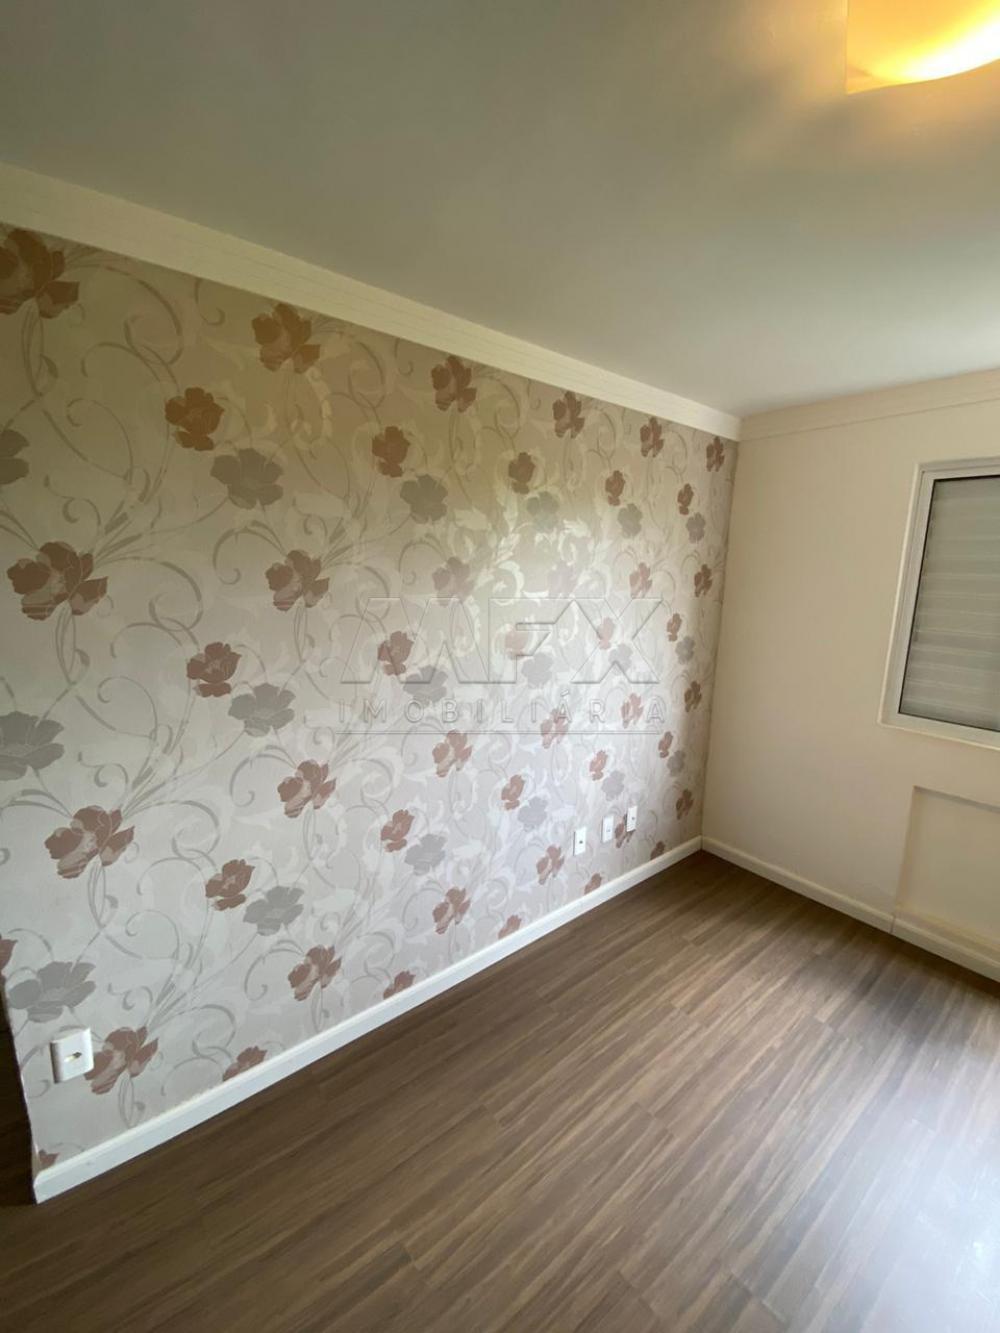 Comprar Apartamento / Padrão em Bauru apenas R$ 150.000,00 - Foto 2